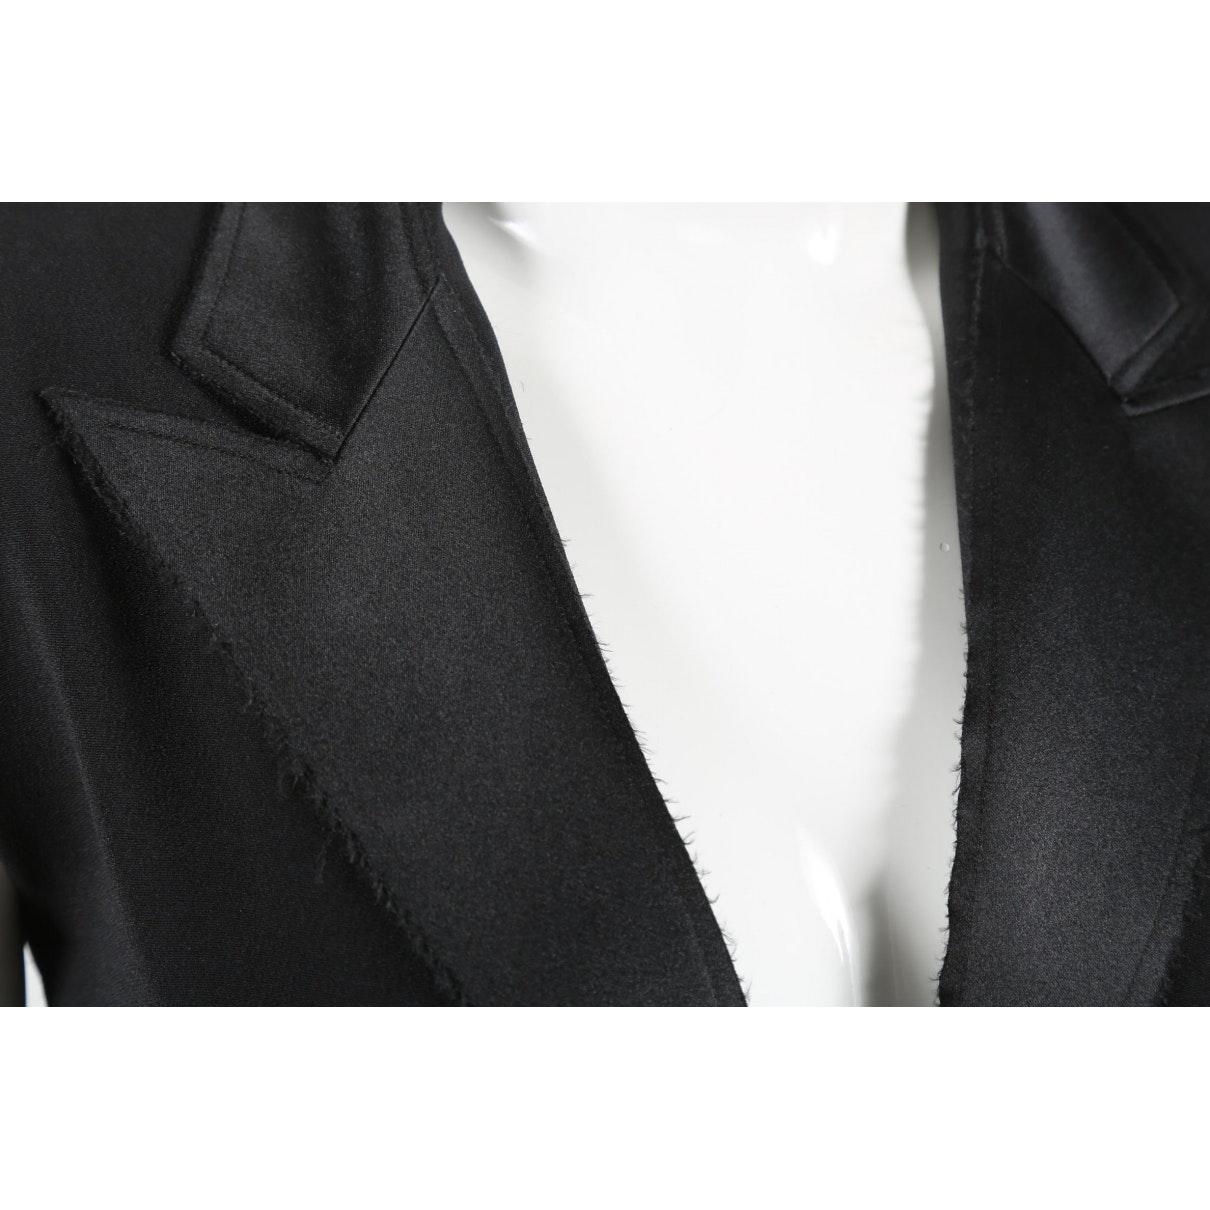 Combinaisons en Laine Noir Laines Lanvin en coloris Noir